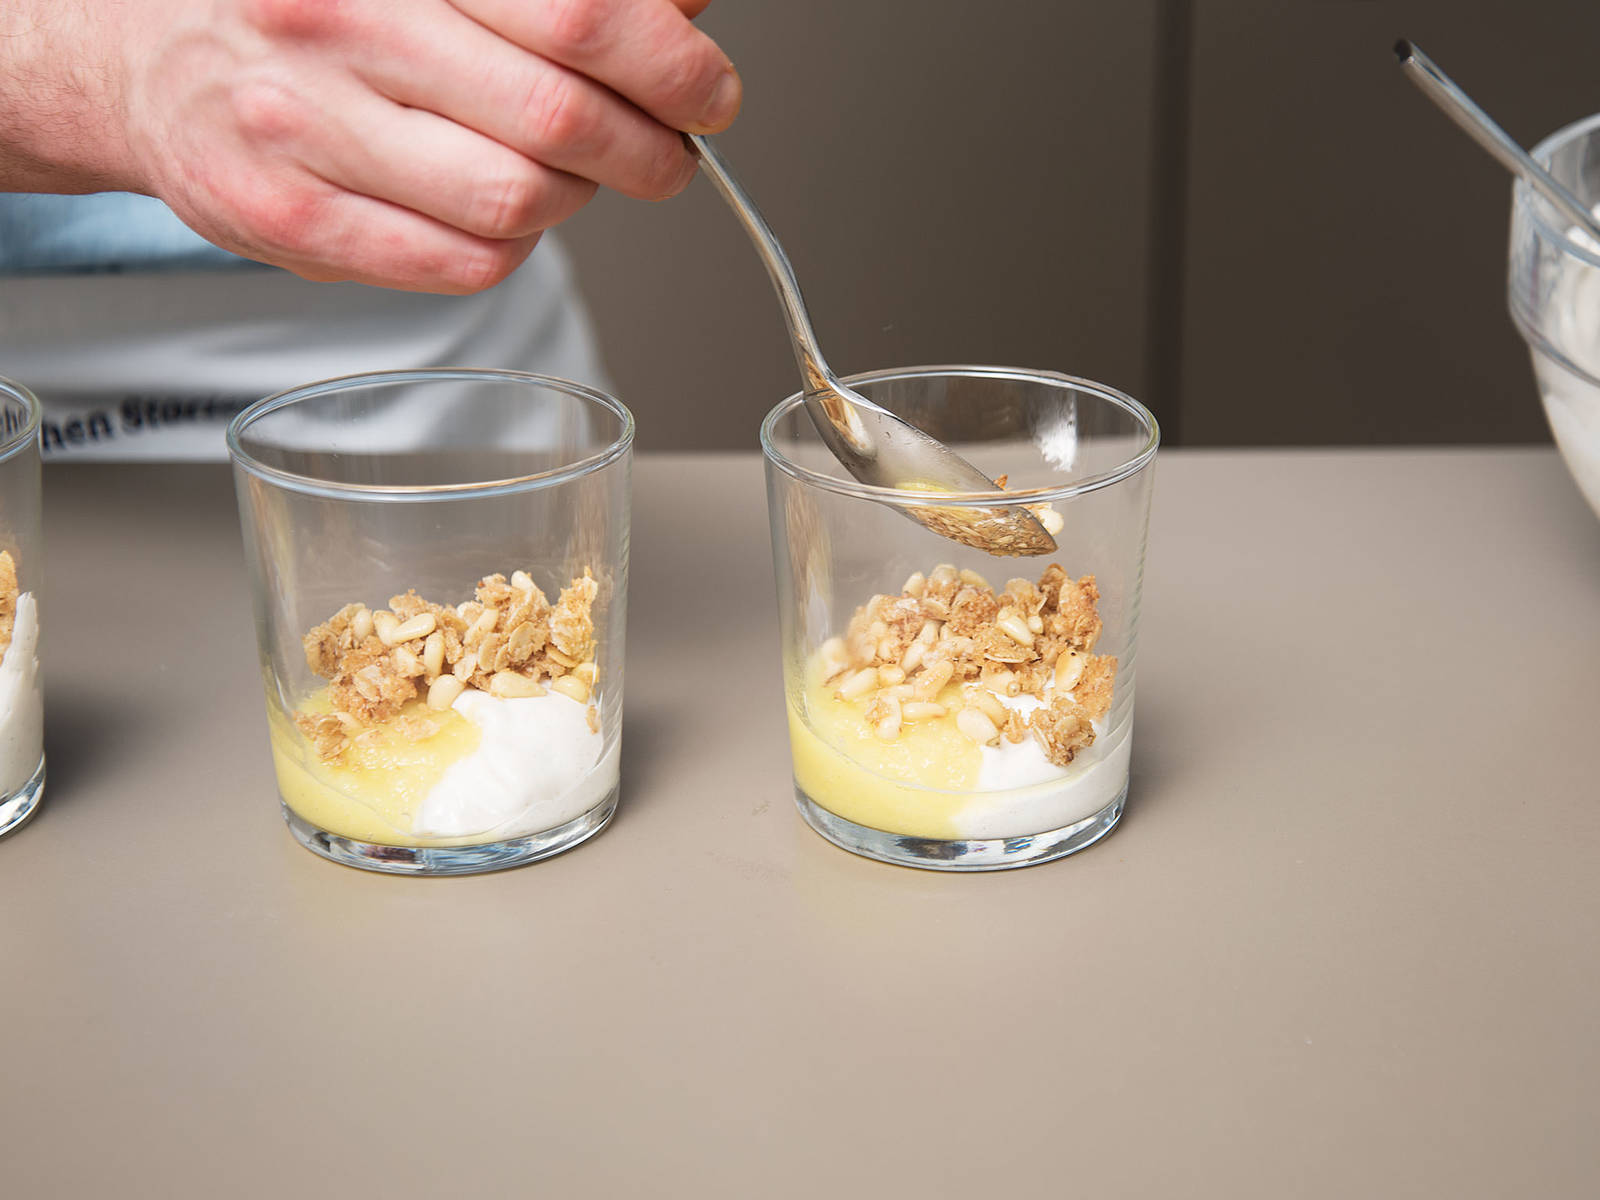 Quark, Schlagsahne, Vanillezucker und restlichen Zucker in einer großen Schüssel miteinander verrühren. Die Crème gleichmäßig auf Dessertschälchen verteilen. Ananaspürée und Kokosmischung in die Schälchen schichten. Guten Appetit!